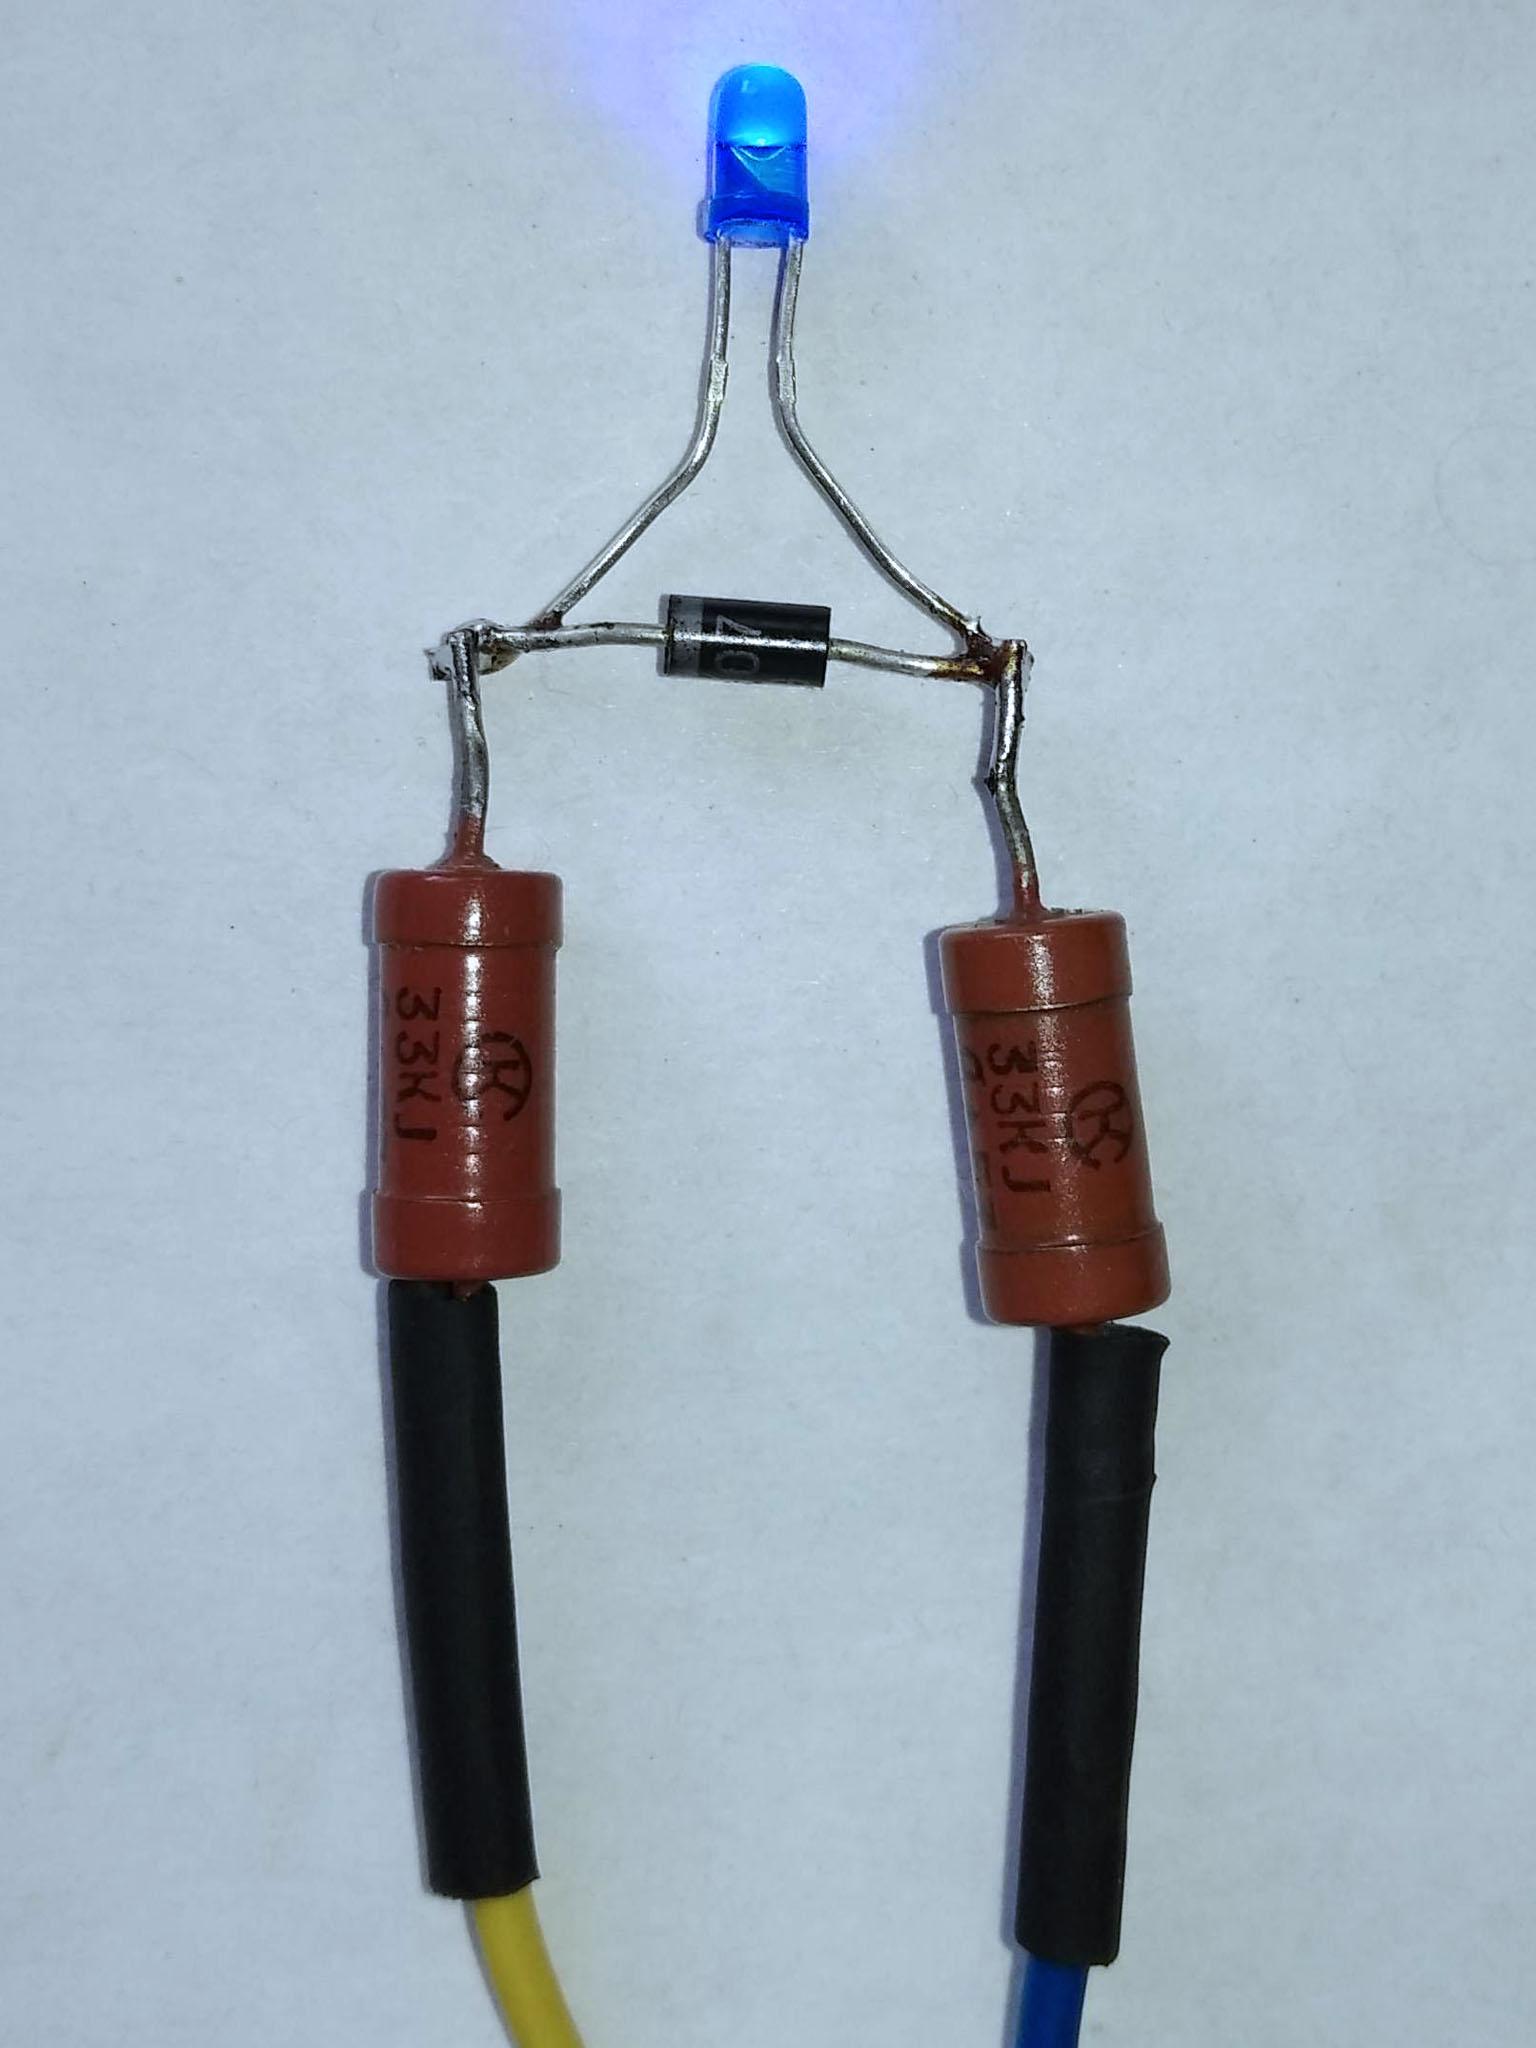 светодиод с двумя резисторами 33 кОм и включенным встречно – параллельно диодом